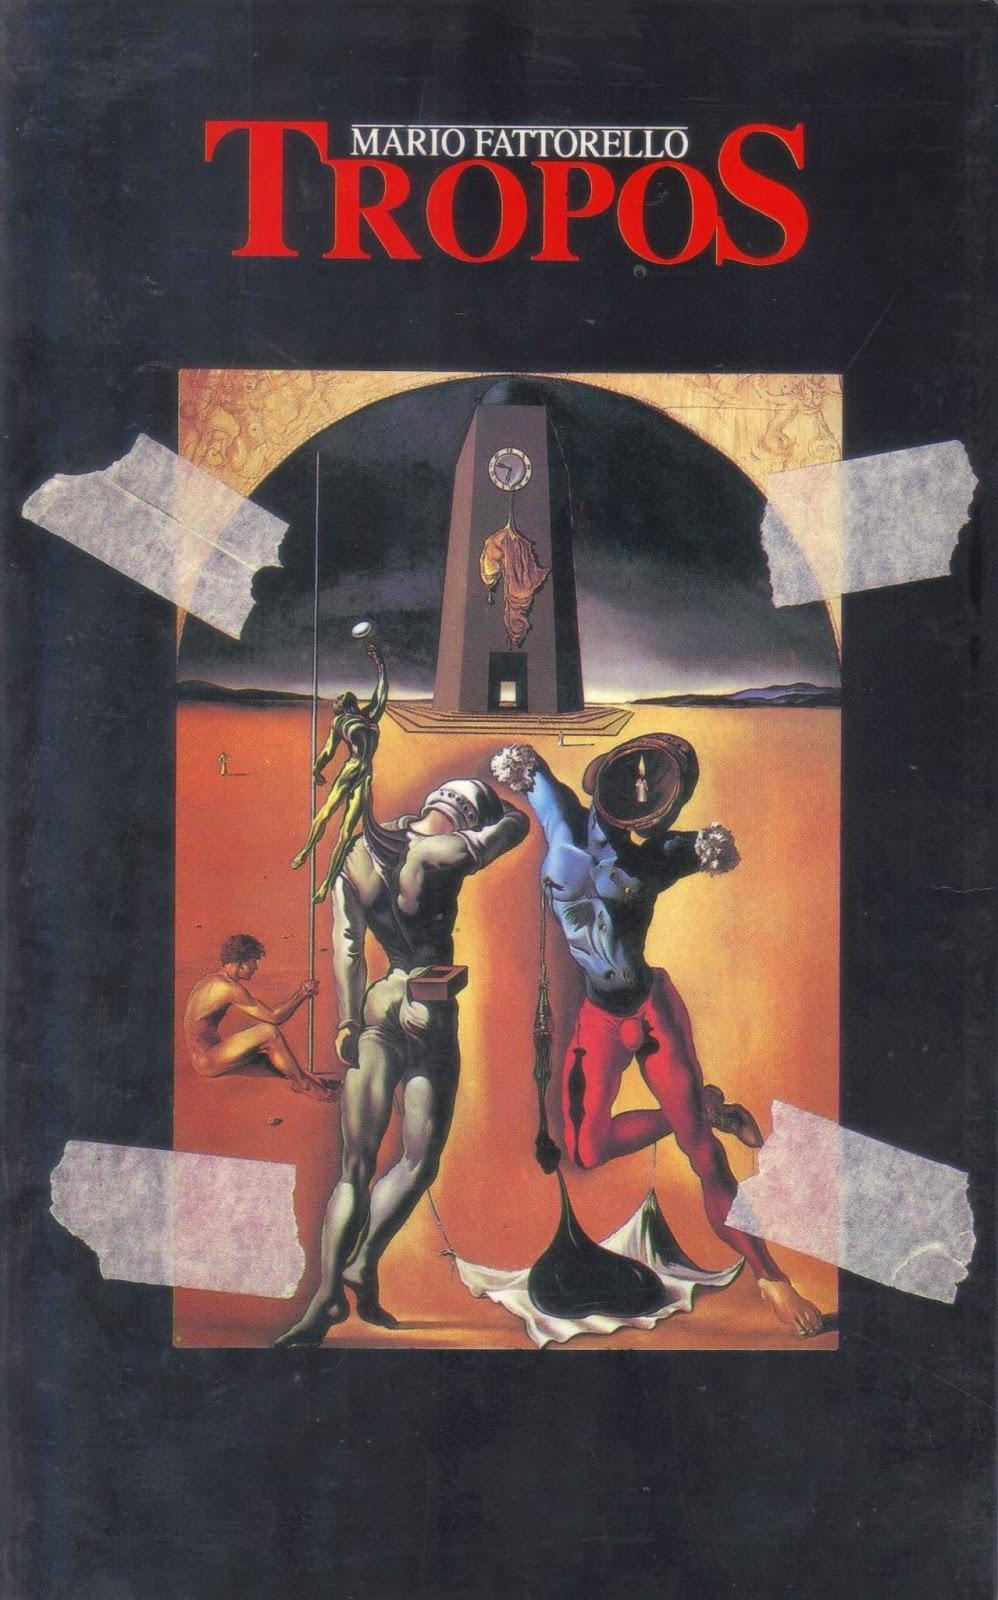 Portada del libro TROPOS de Mario Fattorello